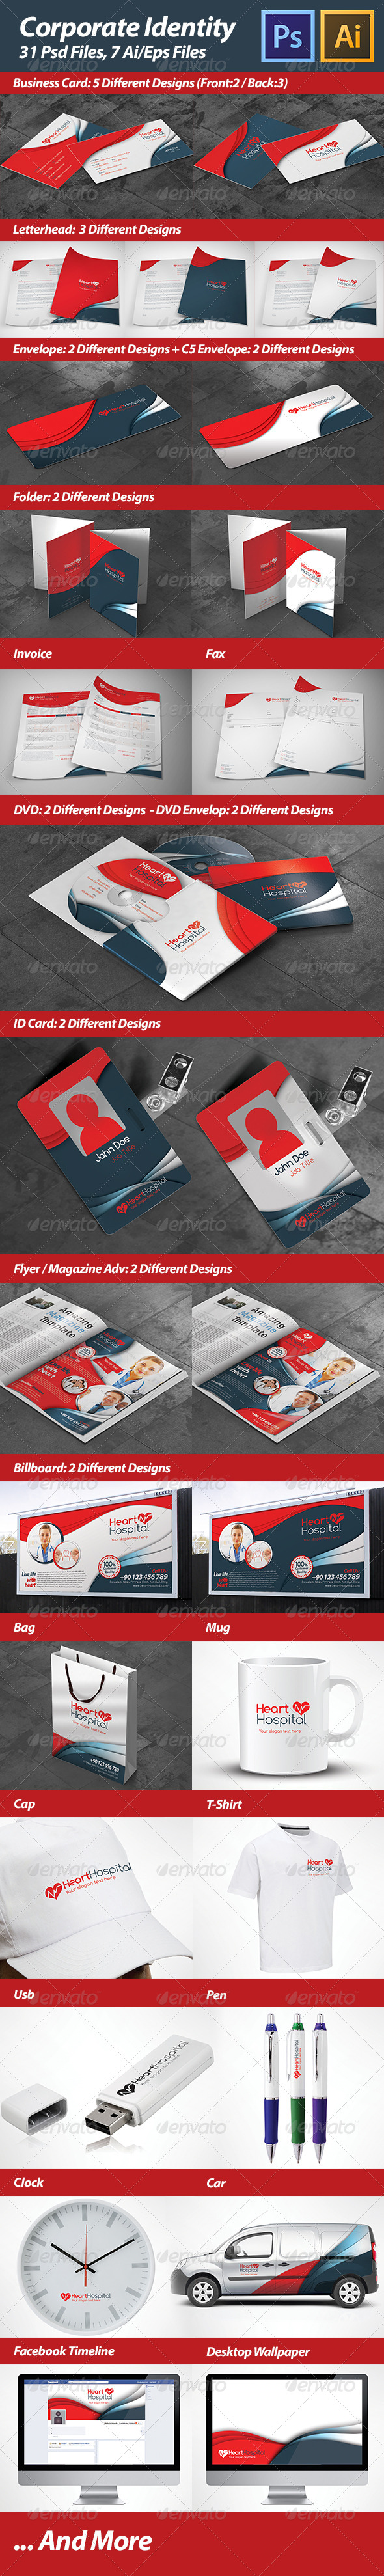 GraphicRiver Identity Corporate 4758830